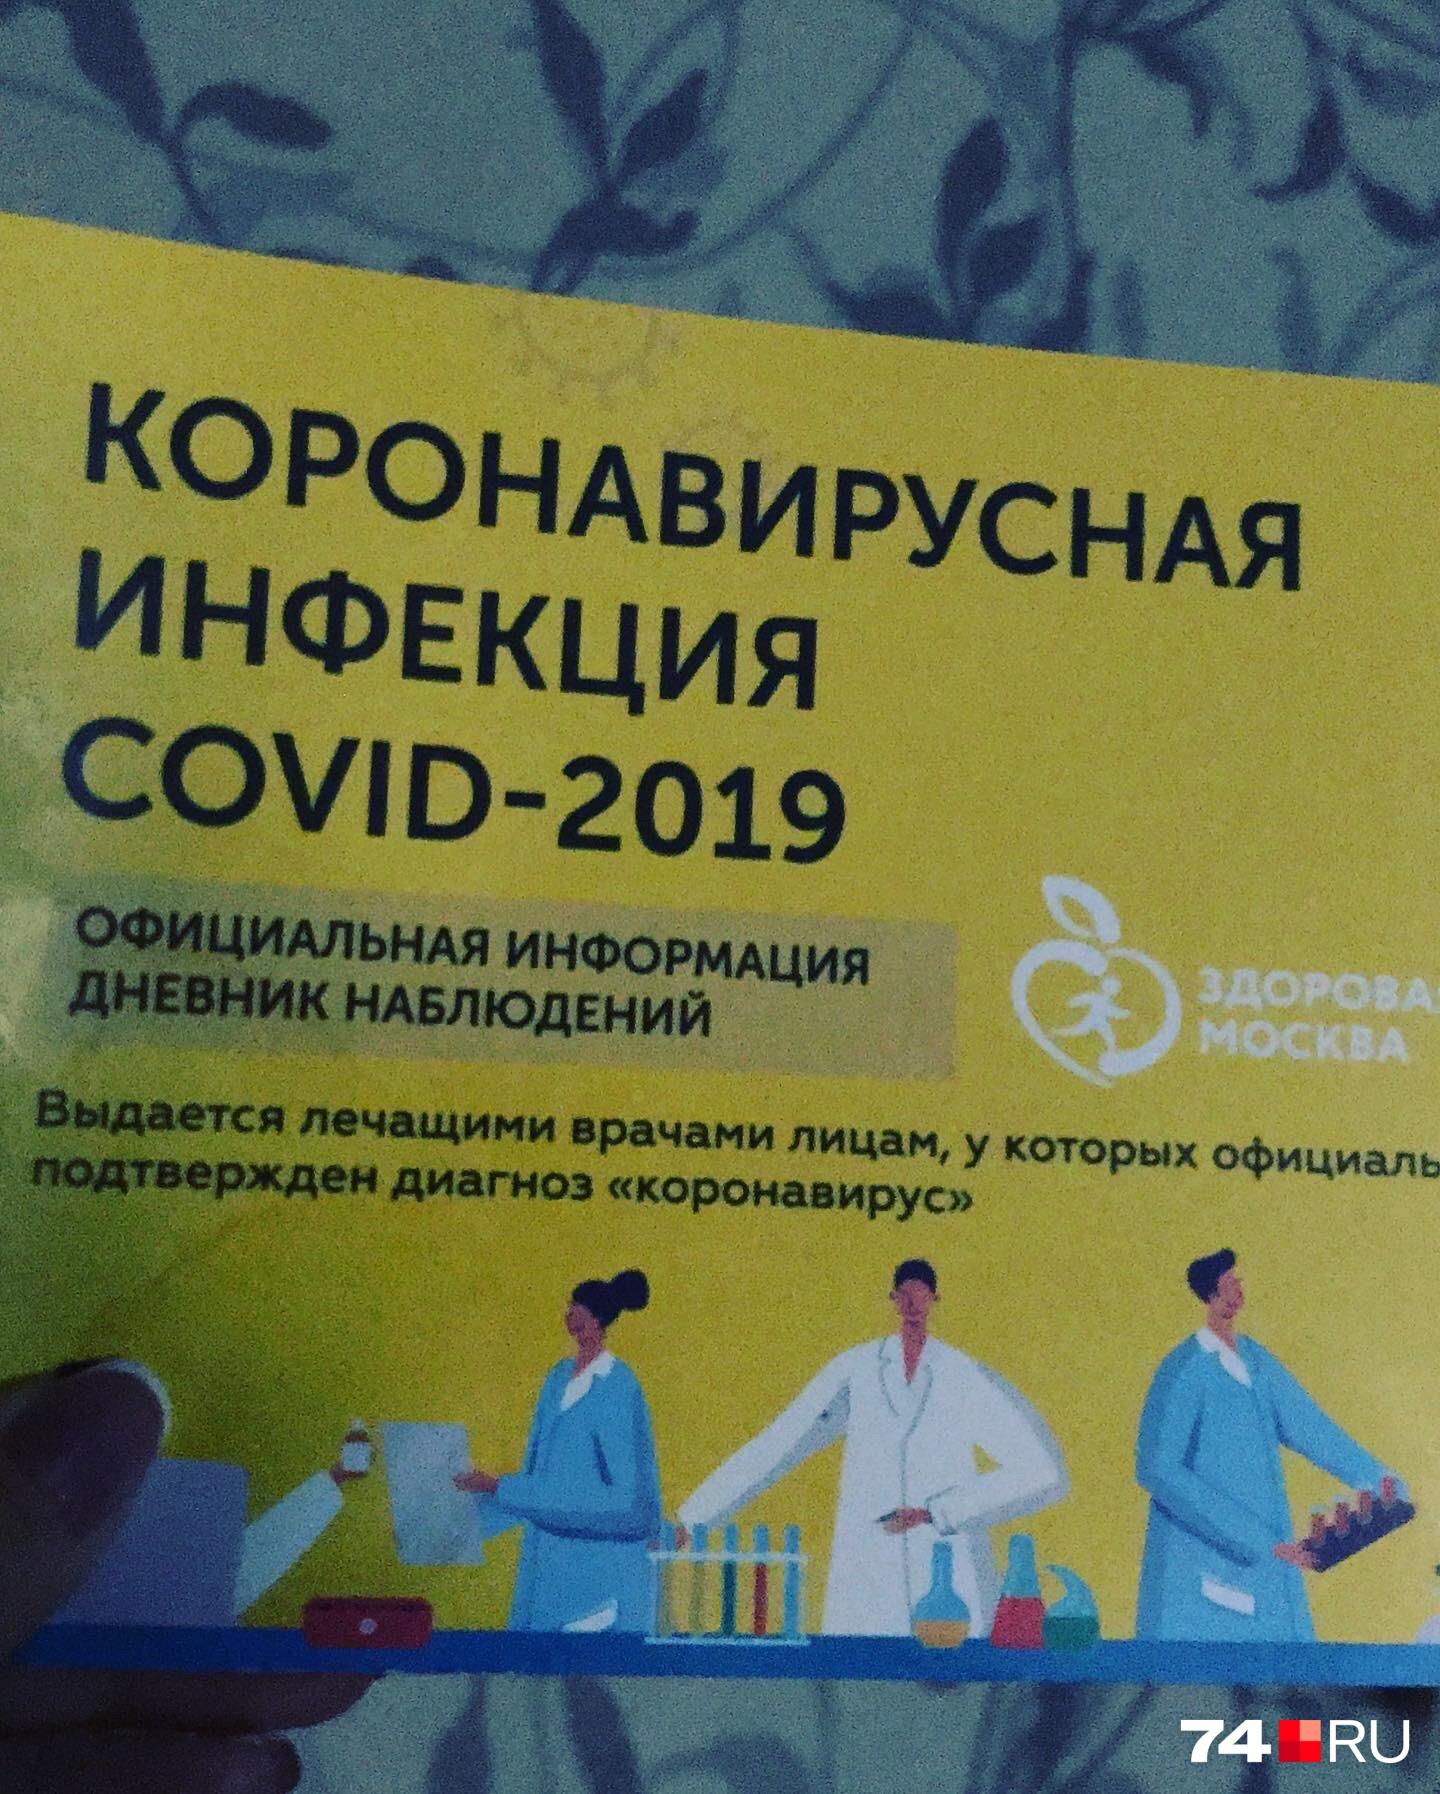 Пациенты с подтверждённым COVID-19 получают от лечащих врачей такие памятки